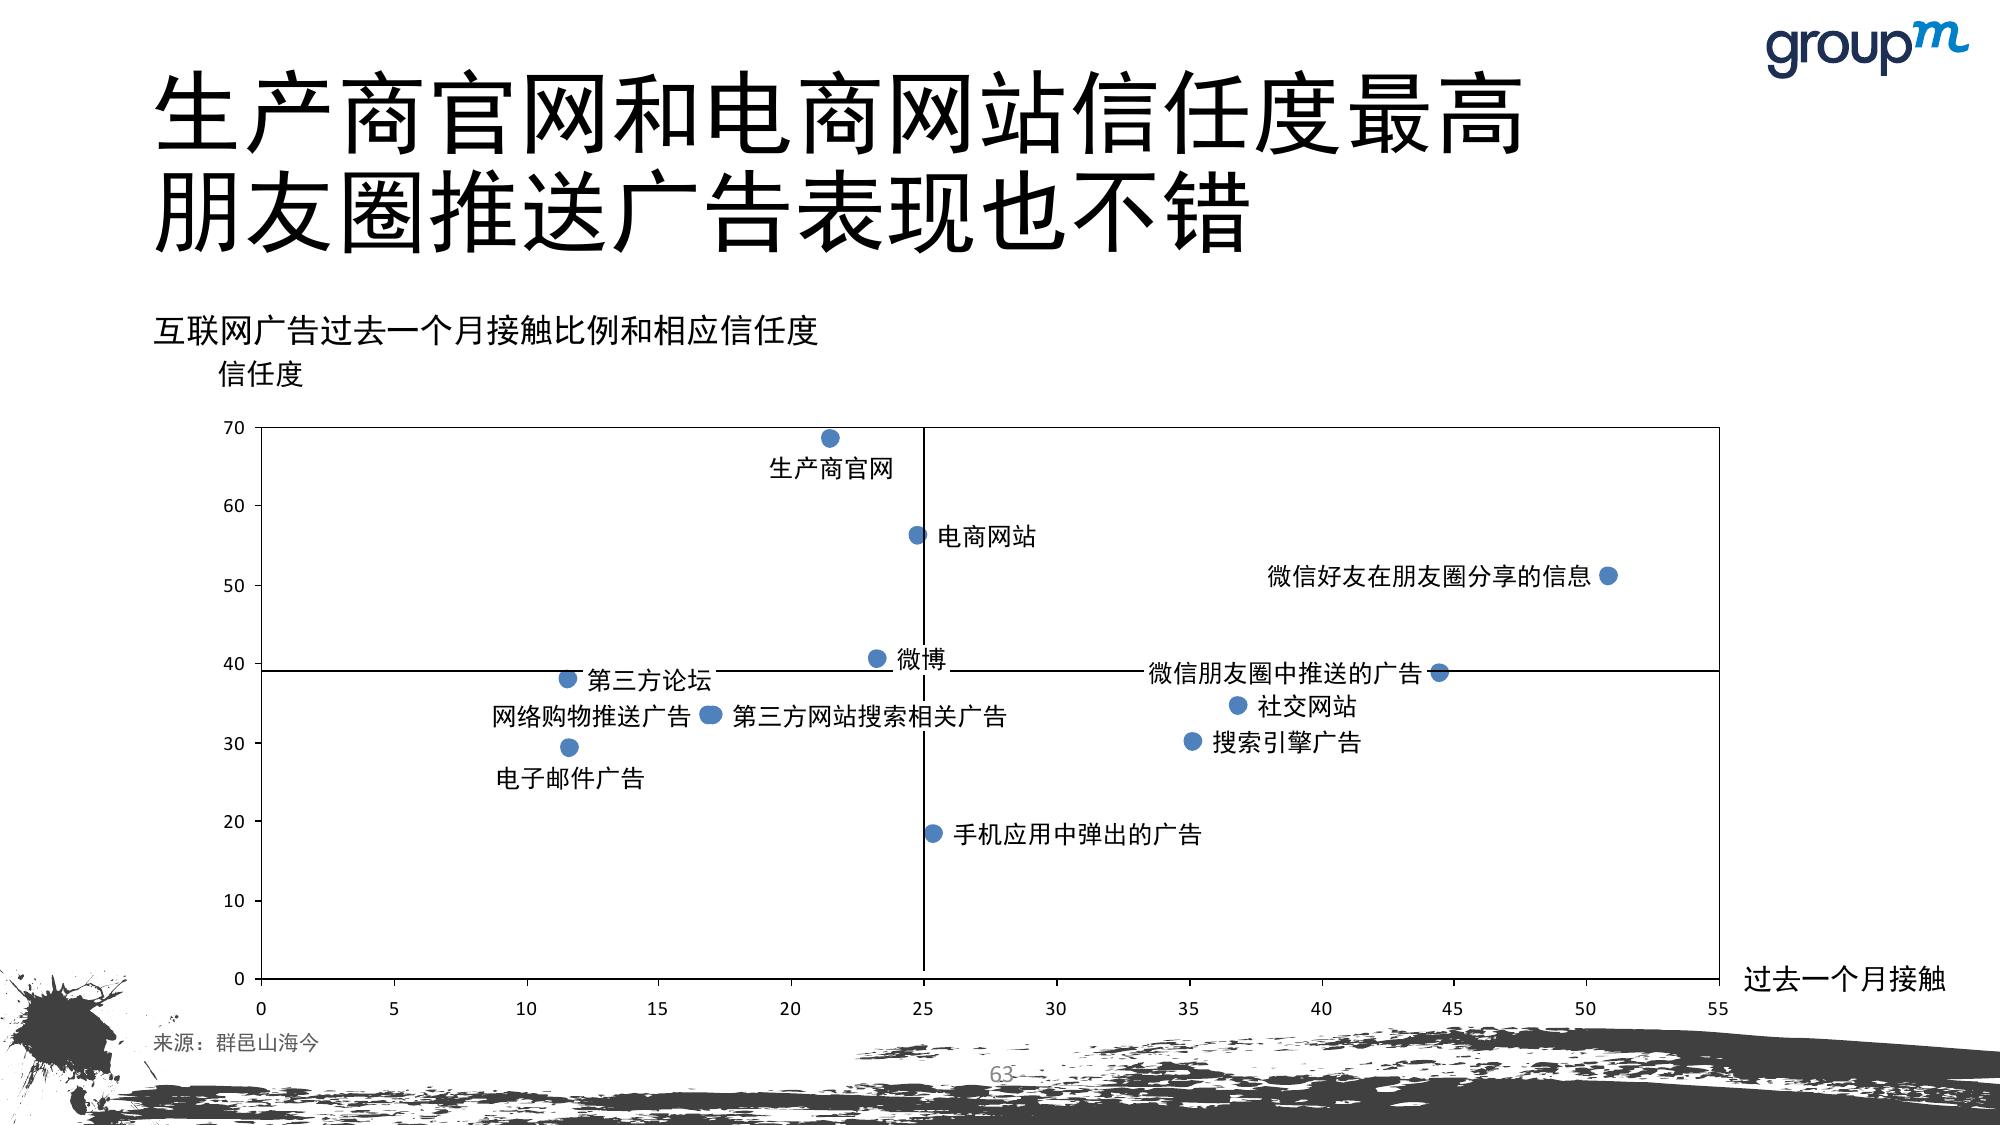 山海今2015中国媒介趋势报告_000063